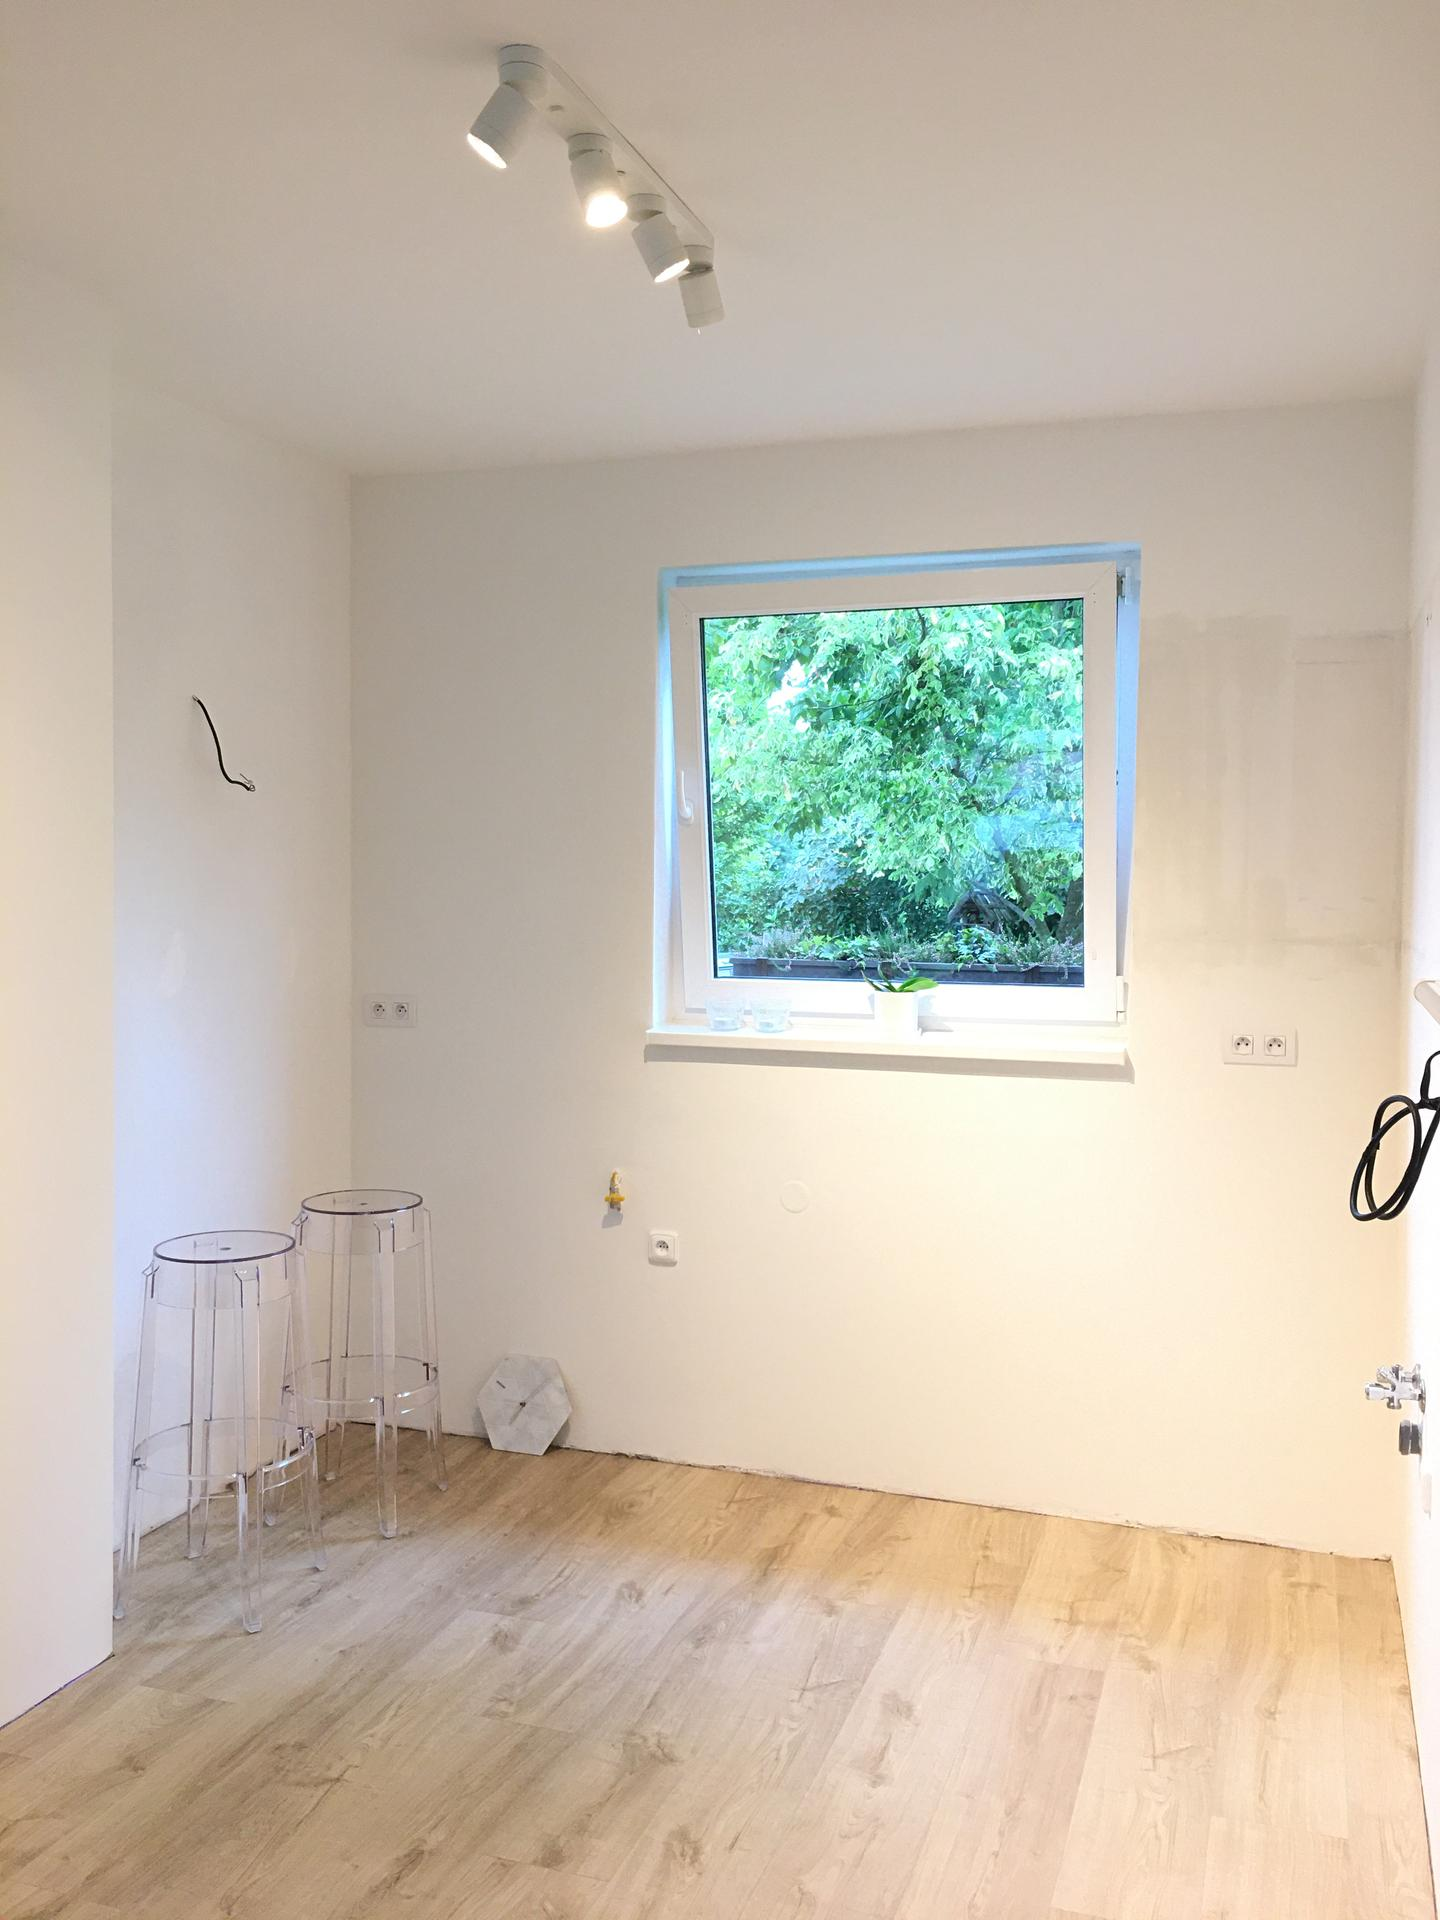 Proměny naší kuchyně - Stejná podlaha jako v obývacím pokoji